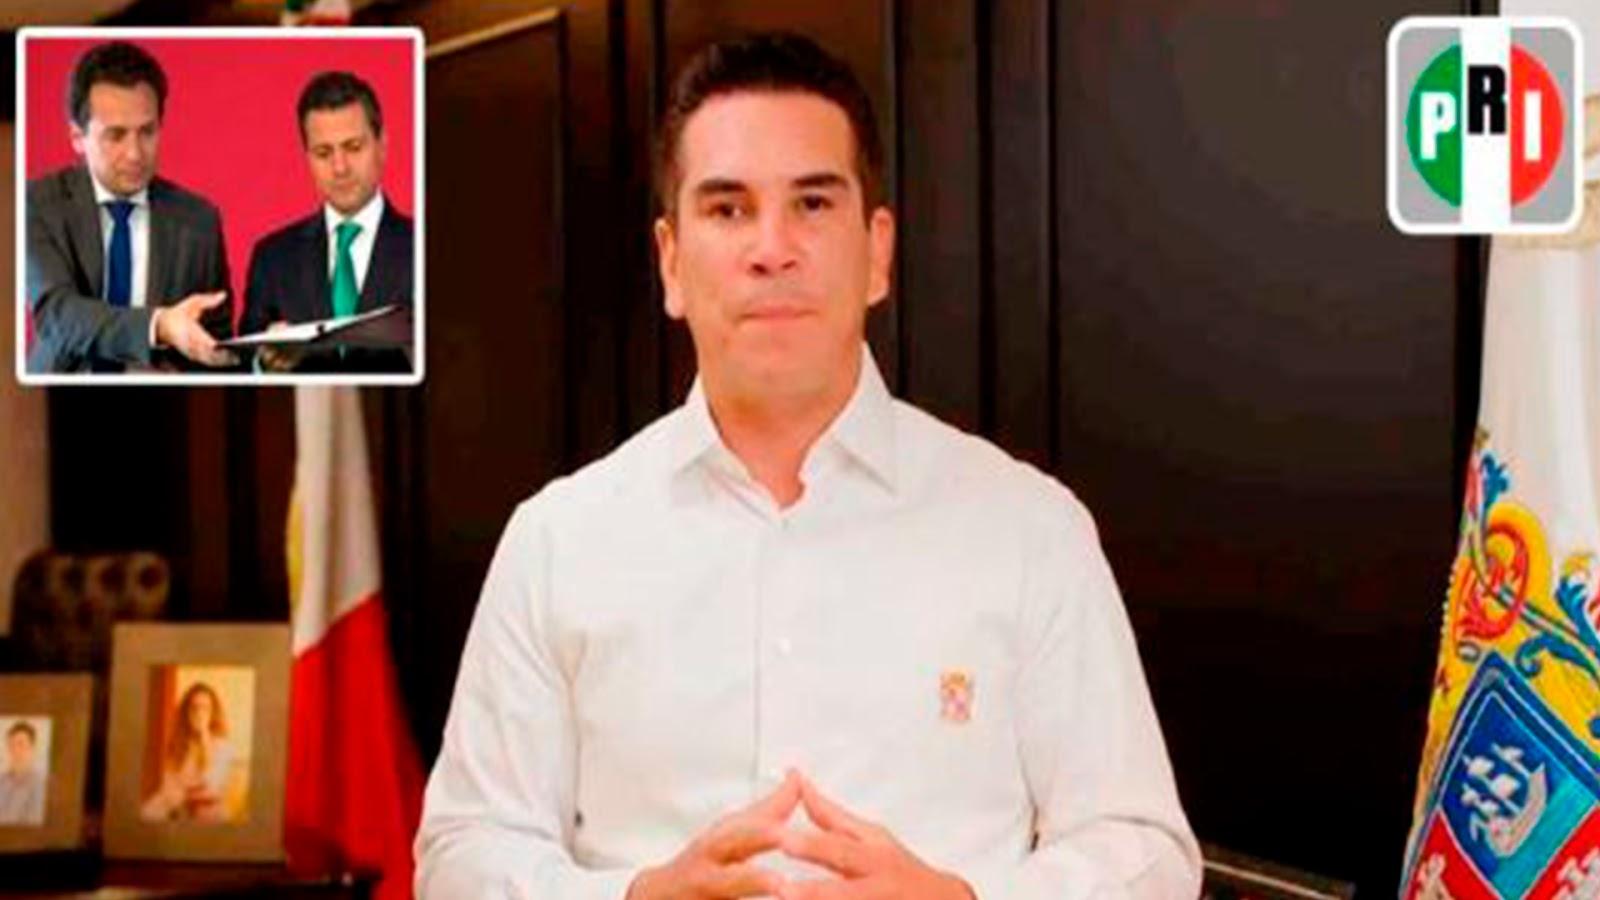 El PRI pide que no creamos en medios que involucran a EPN en actos de corrupción con Emilio Lozoya